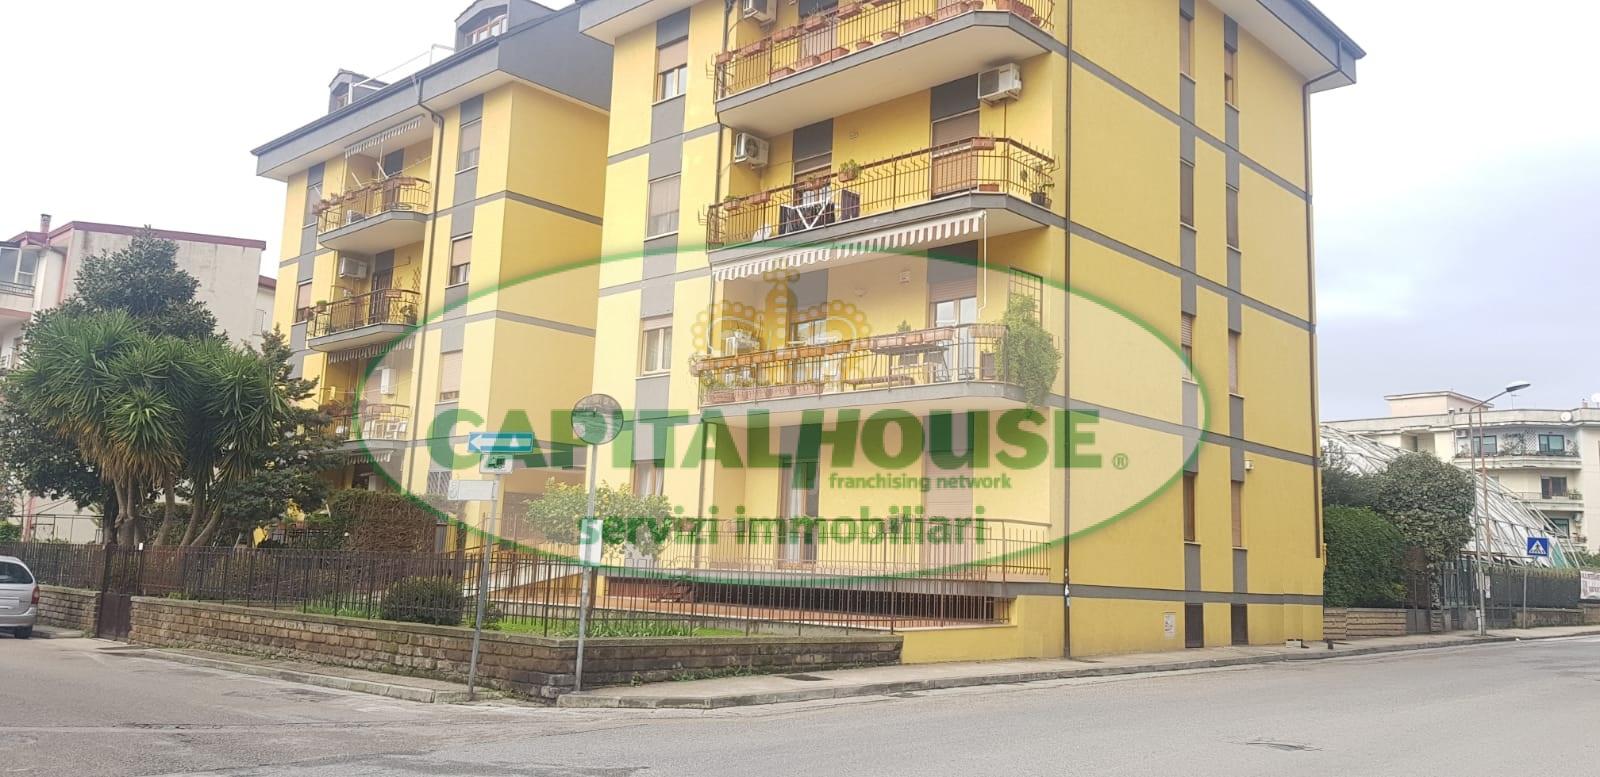 Appartamento in affitto a Caserta, 3 locali, zona Località: Lincoln, prezzo € 400 | CambioCasa.it